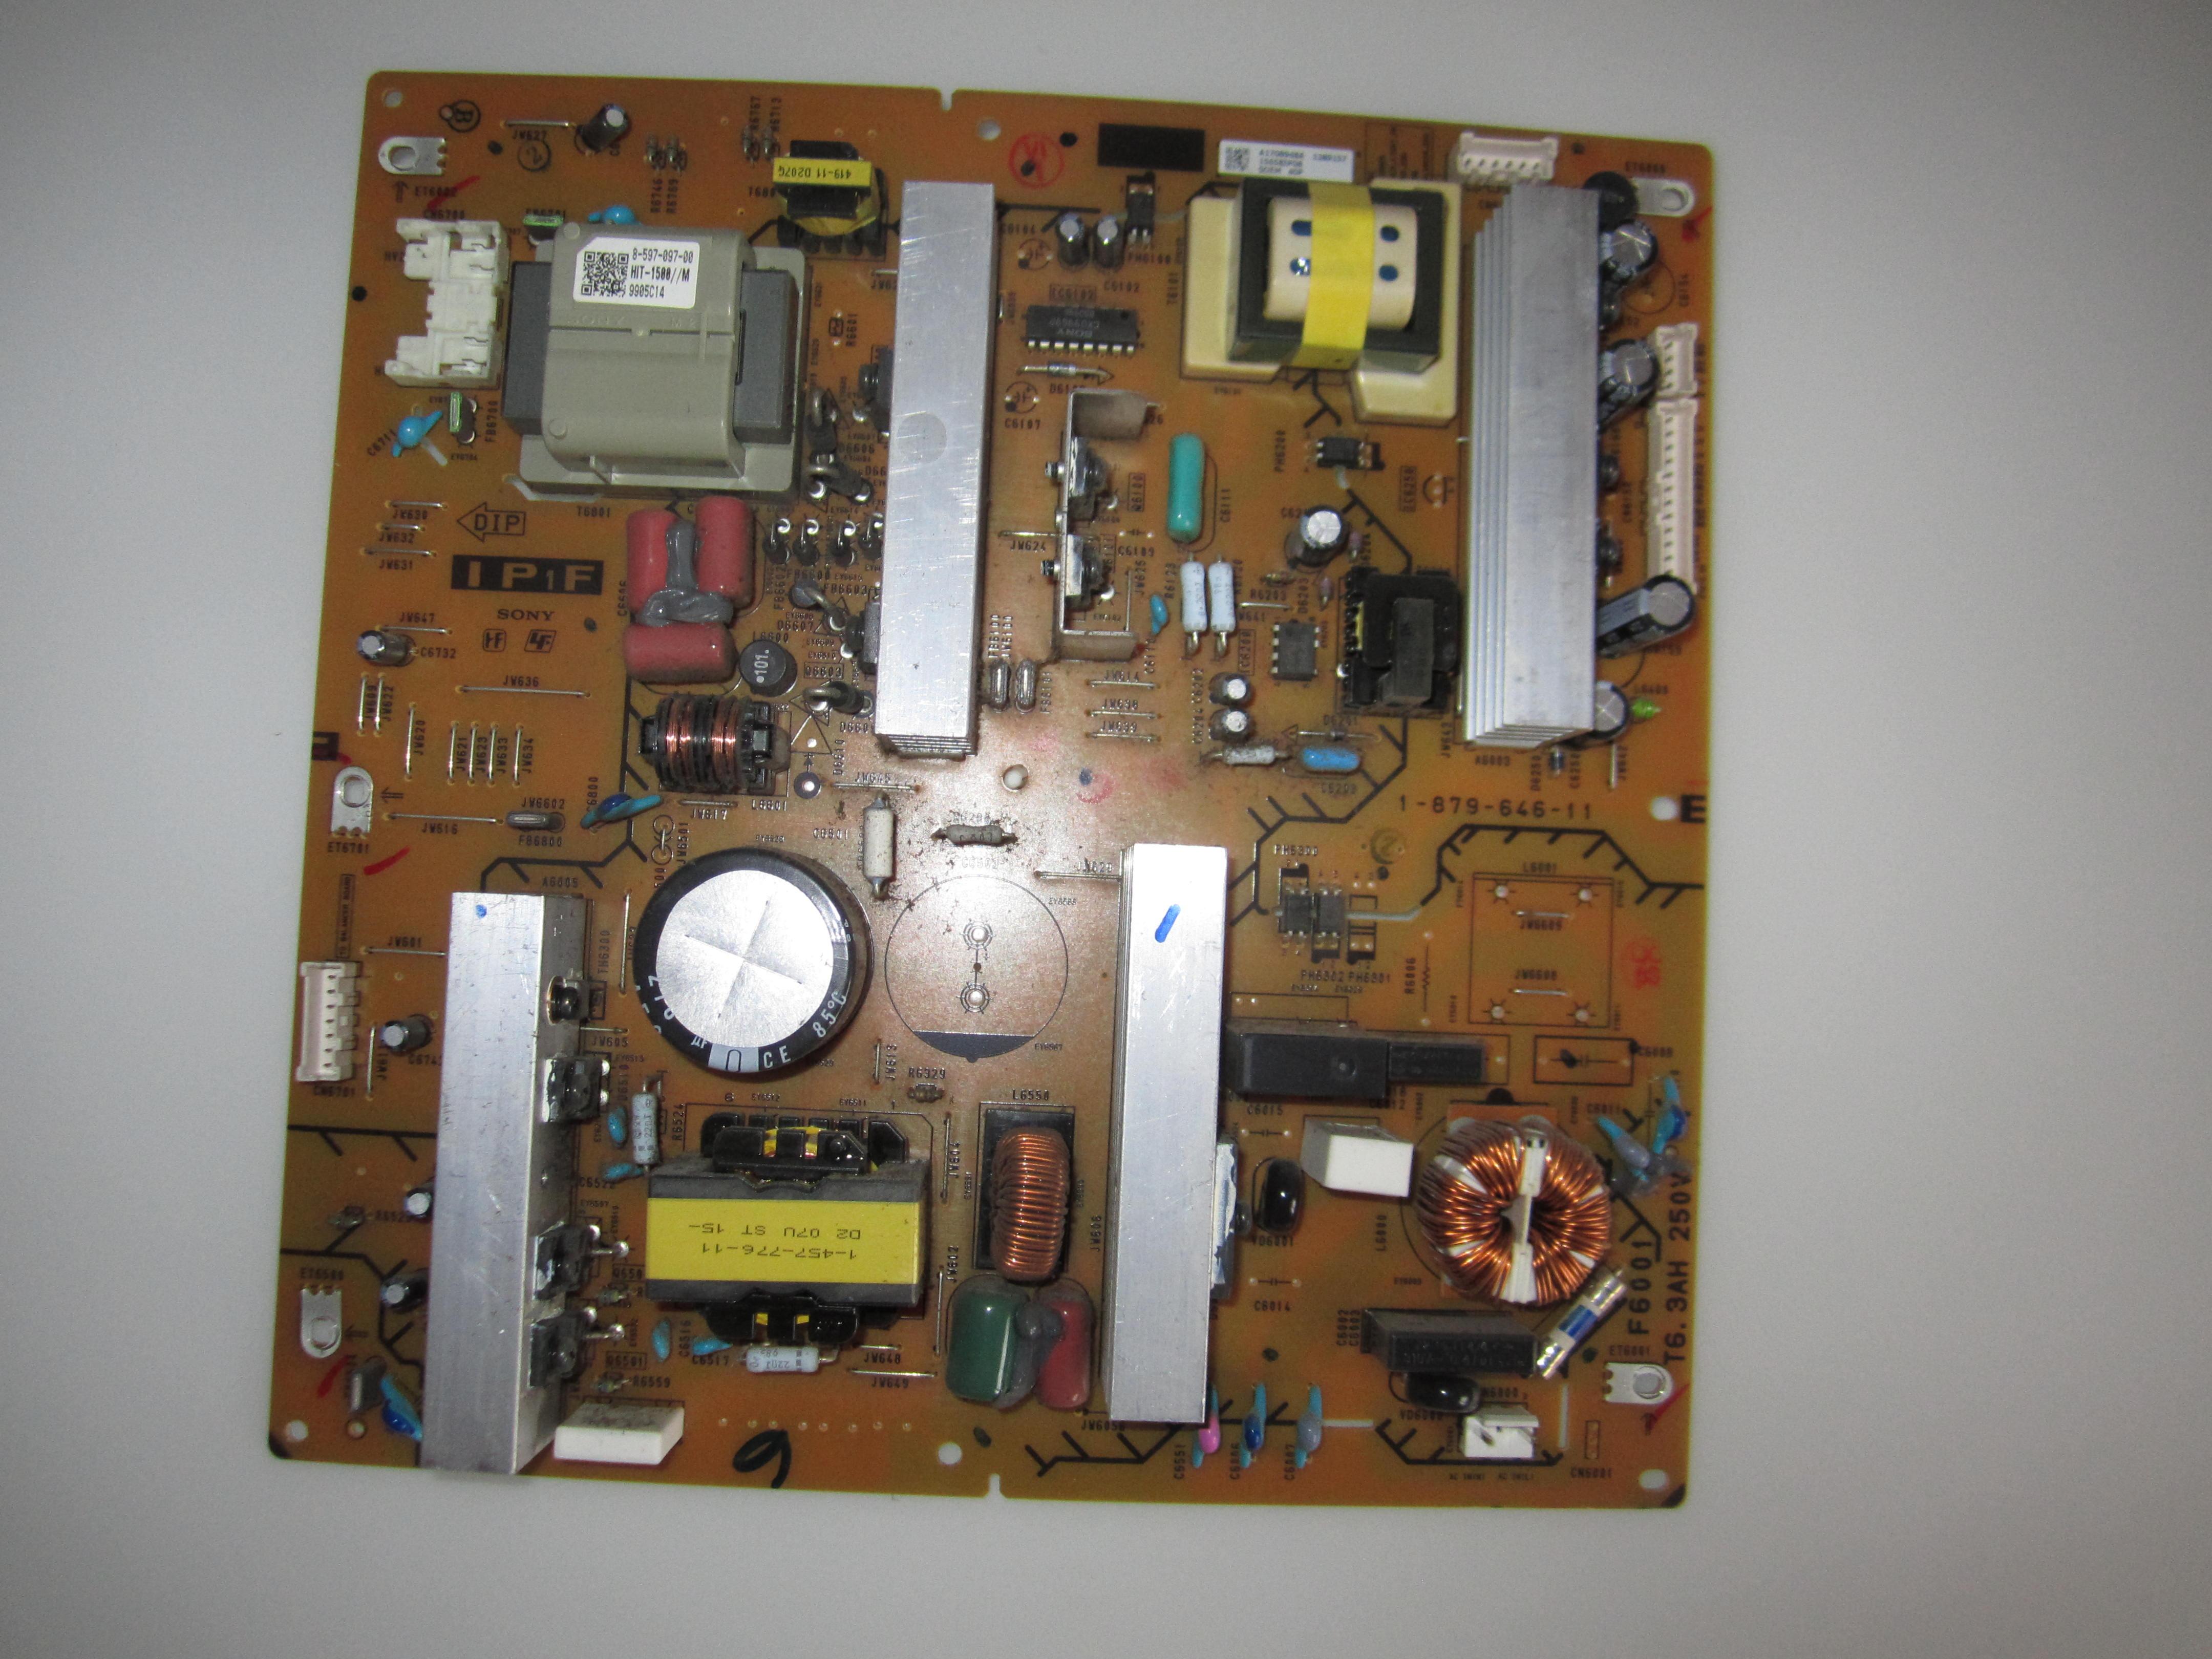 [Sprzedam] Zasilacz do Sony KDL-40S5600 KDL-40S5600 model 1-879-646-11